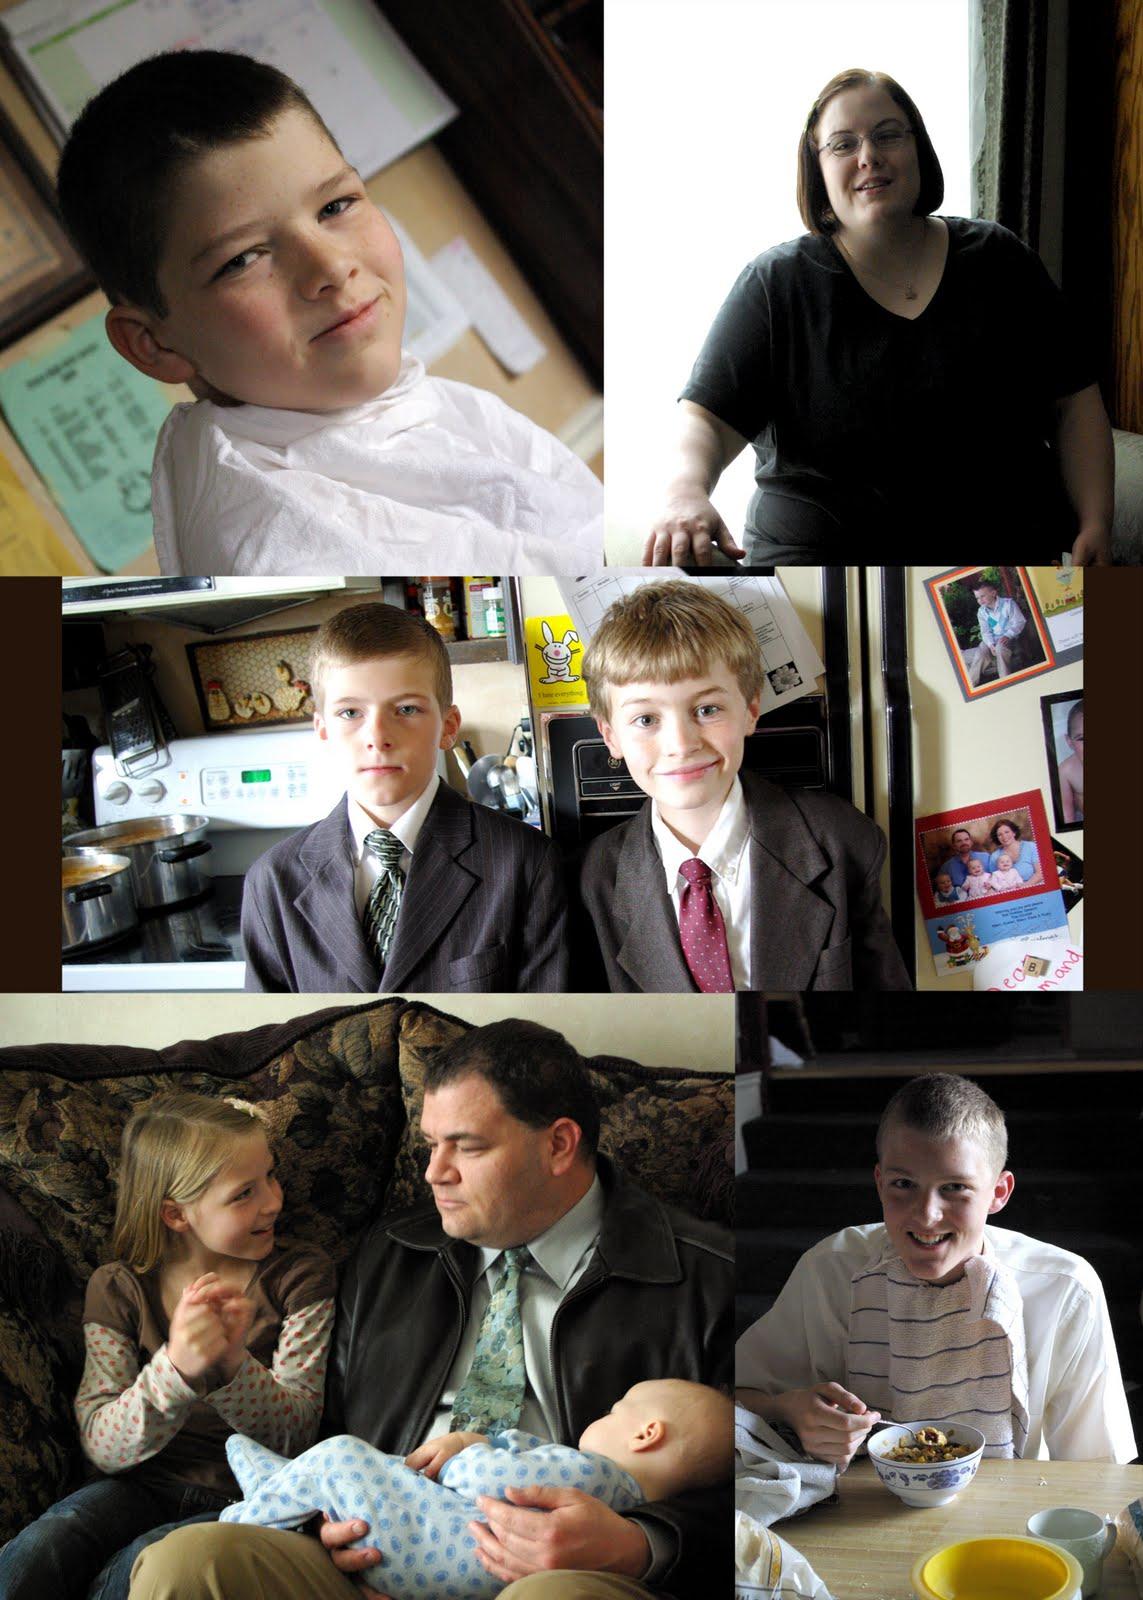 http://4.bp.blogspot.com/_H1GQ8cZUik4/S7l6VHQwEbI/AAAAAAAAAKw/_fippPr9VEk/s1600/aubrey+collage.jpg